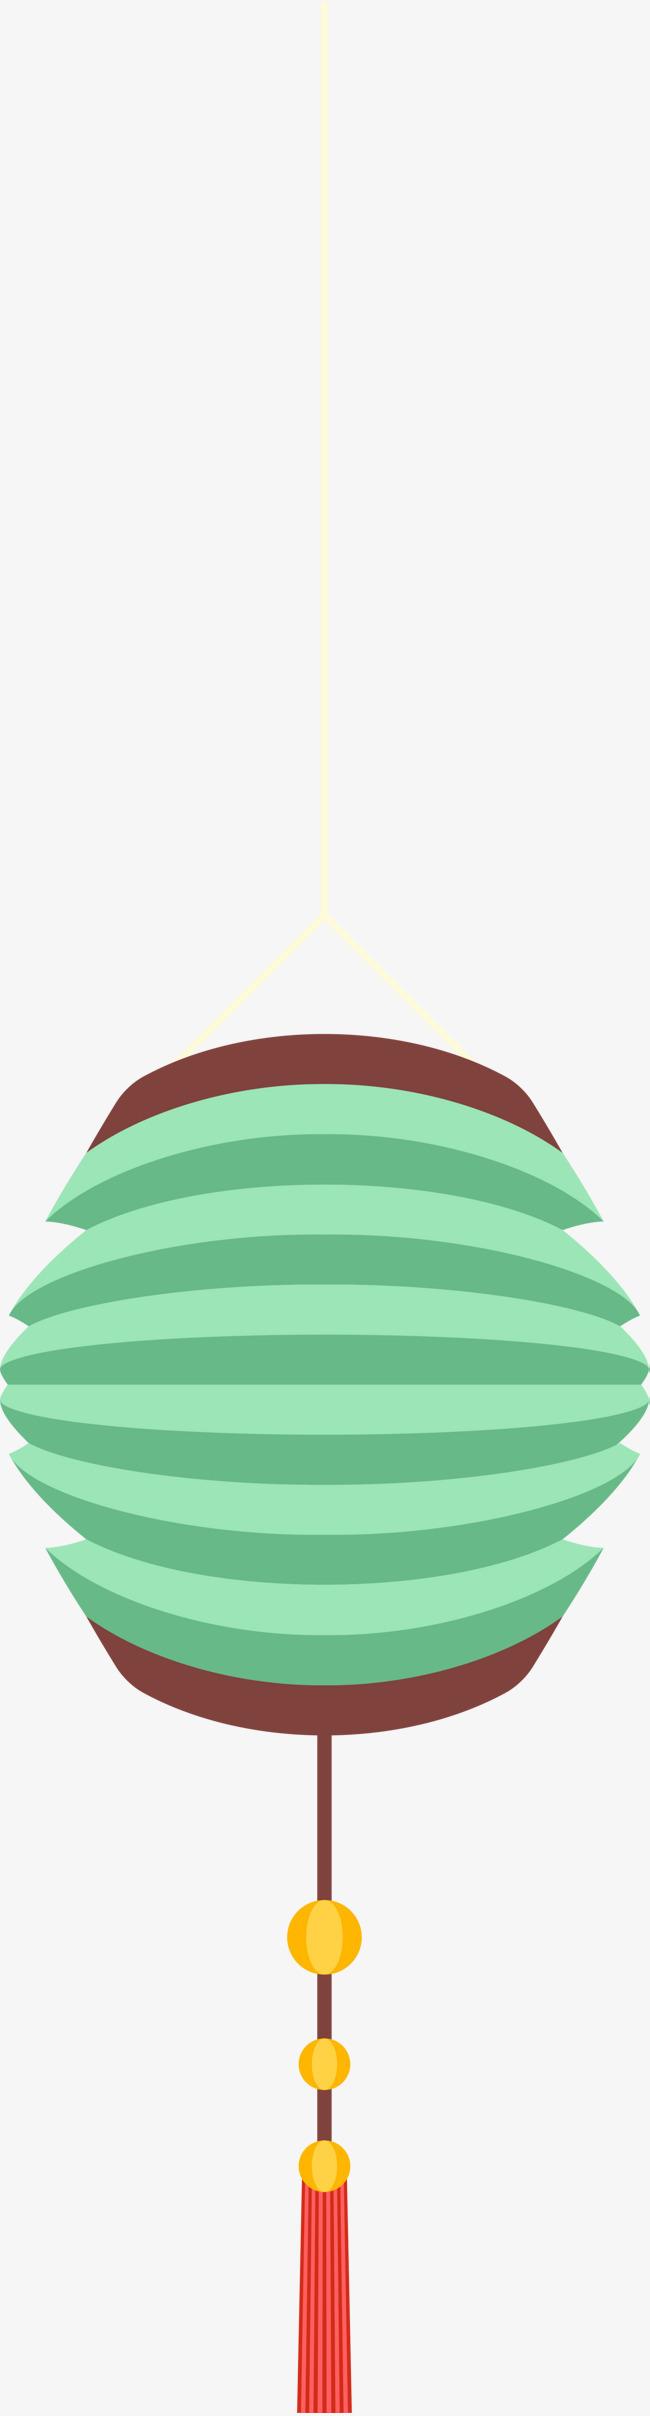 春节绿色折纸灯笼